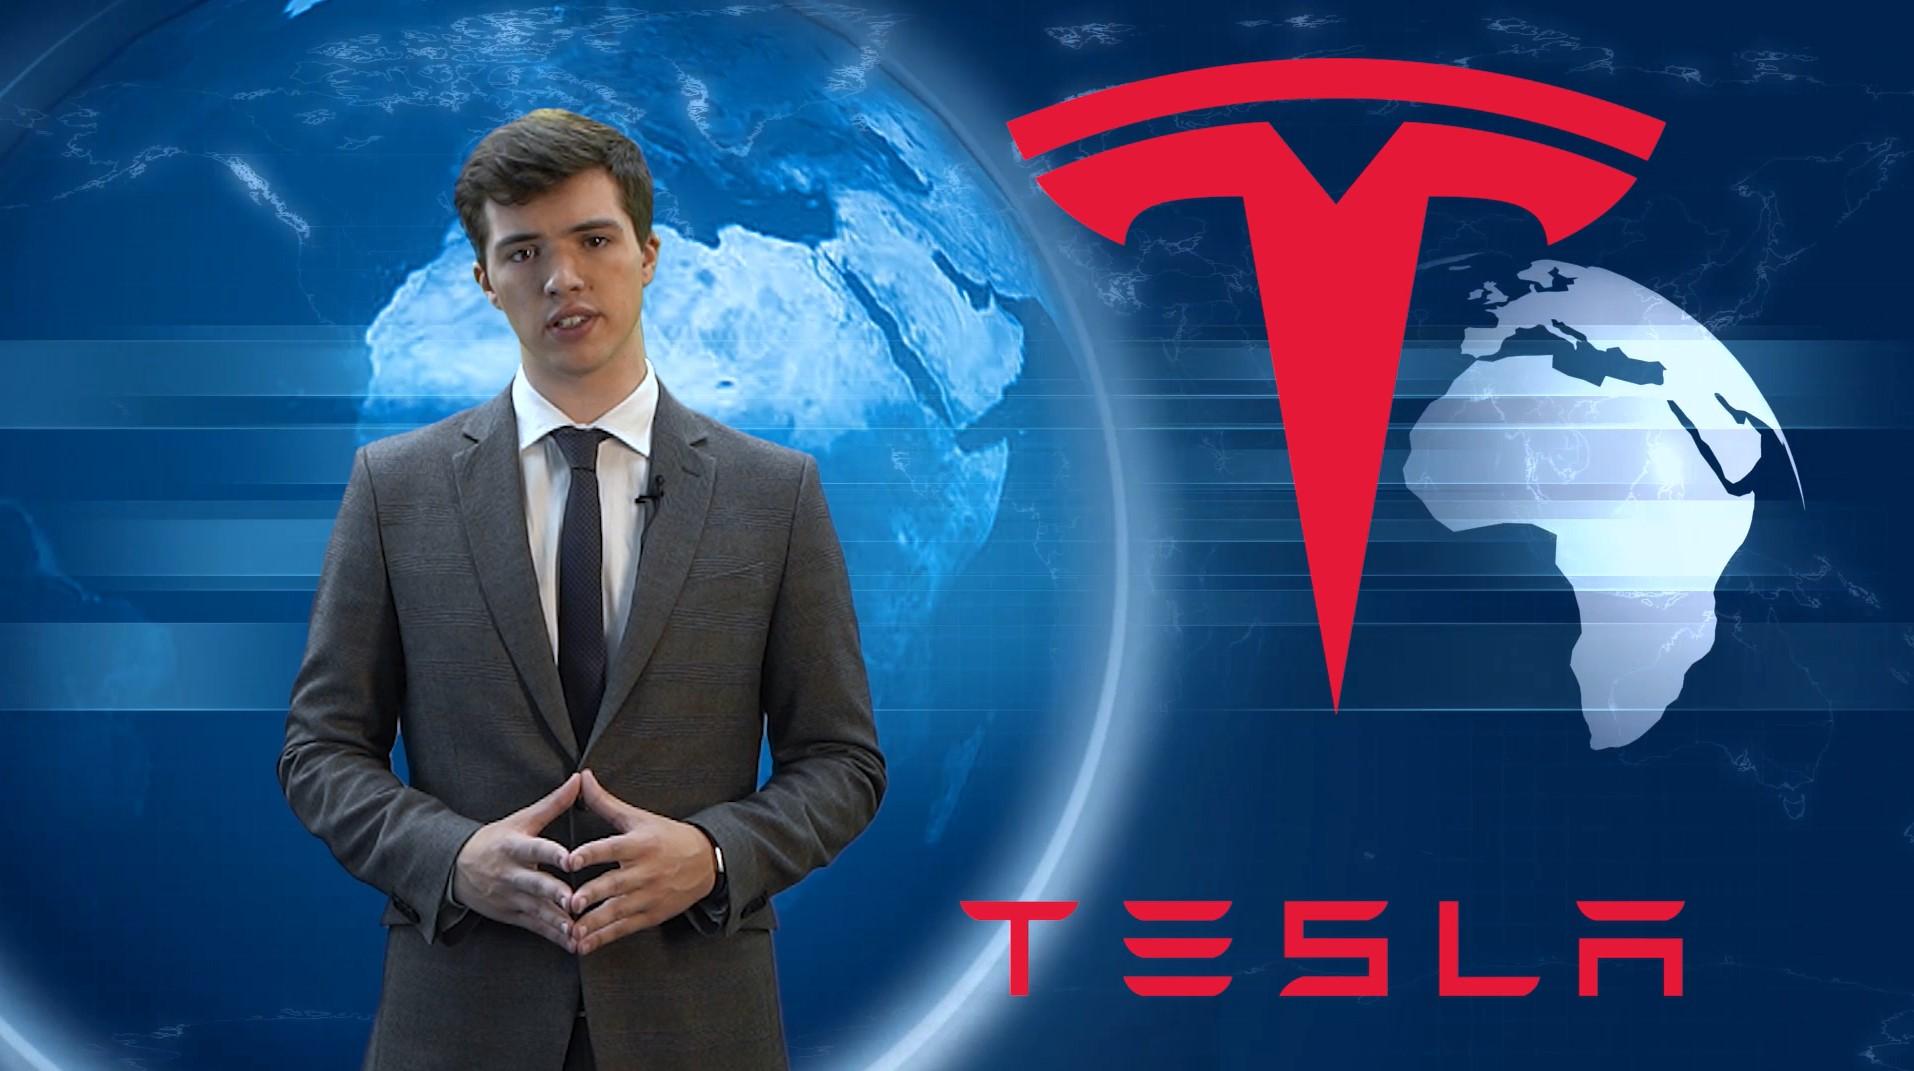 Market Discussion,20 мая: У Илона Маска вновь проблемы. Глава Tesla объявил о глобальной экономии в компании